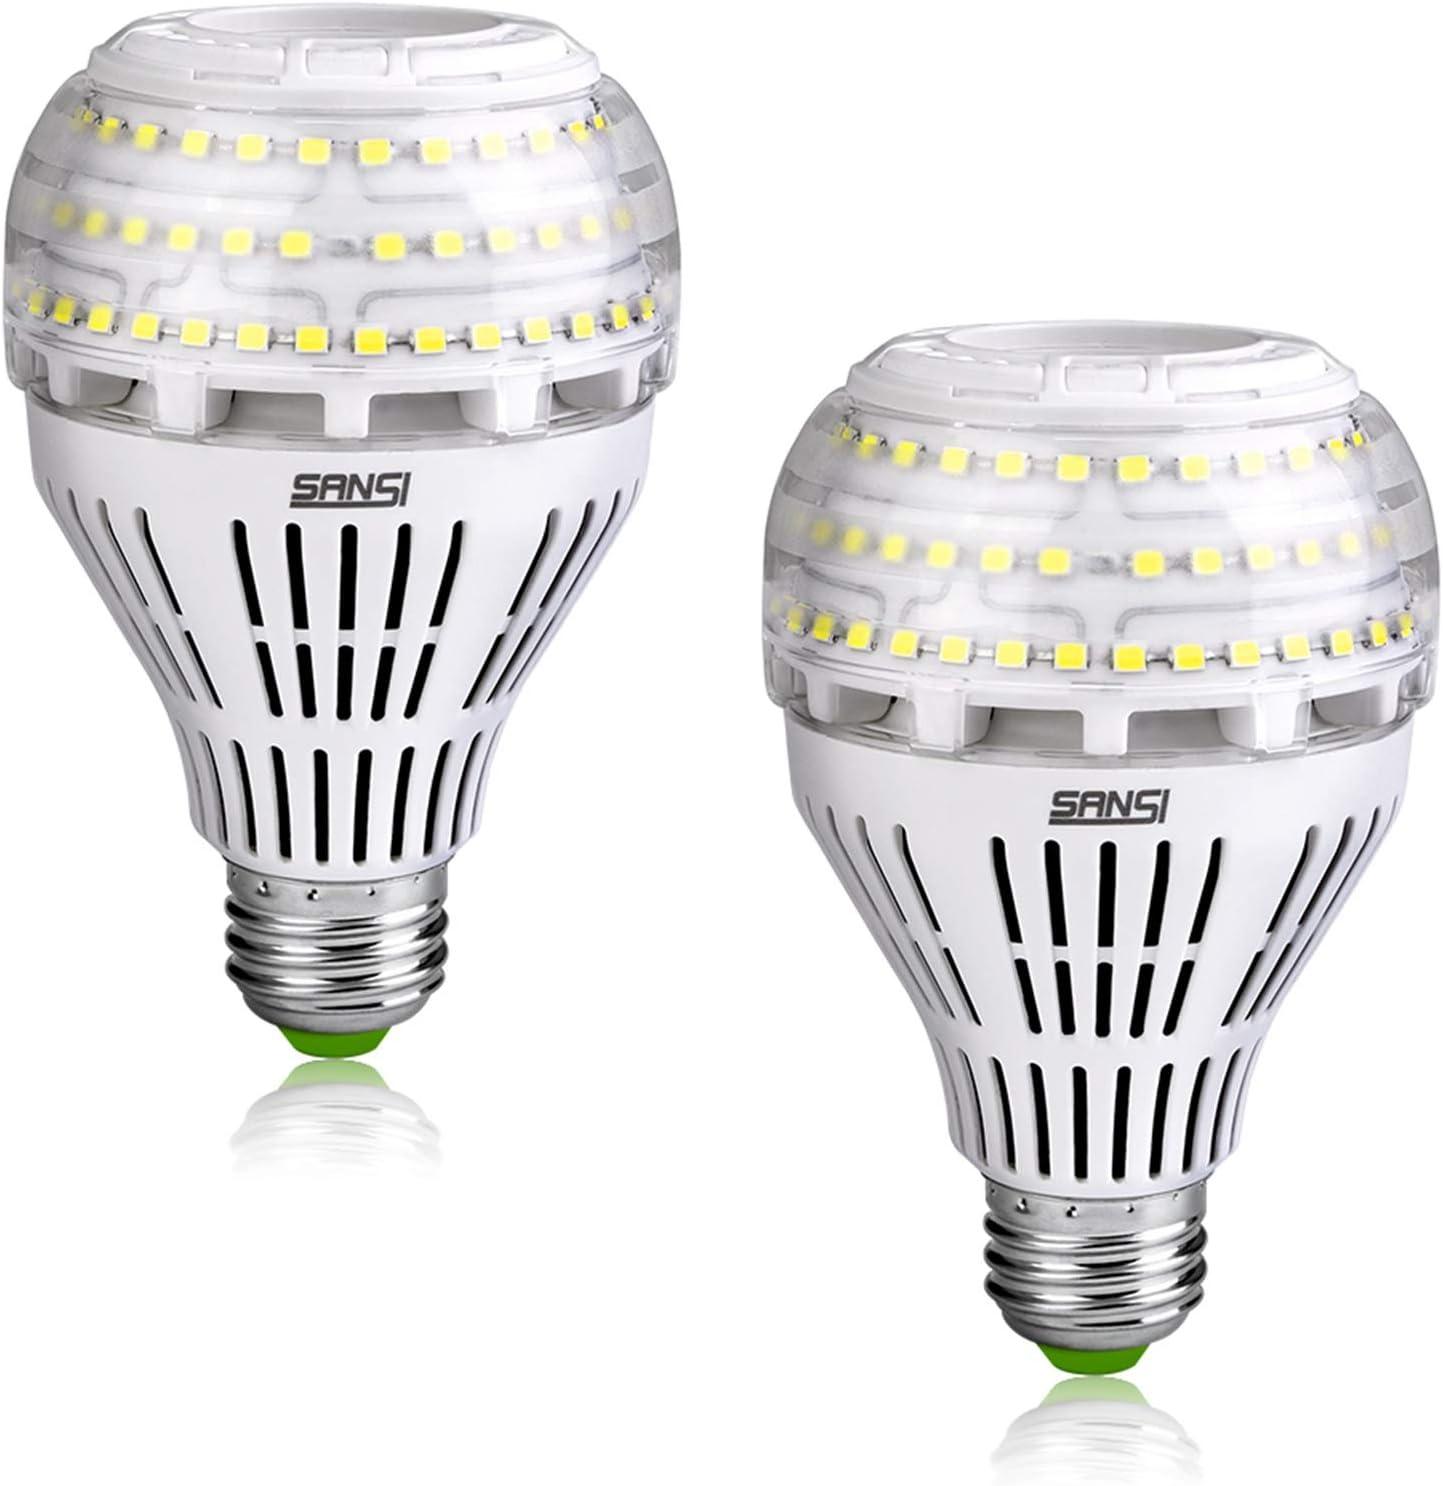 SANSI 27W (equivalente a 250W) Bombillas LED de bajo consumo, Brillantes 4000lm E27 Bombillas LED de tornillo Edison, 5000K Daylight Cool White Light Bombillas, Paquete de 2